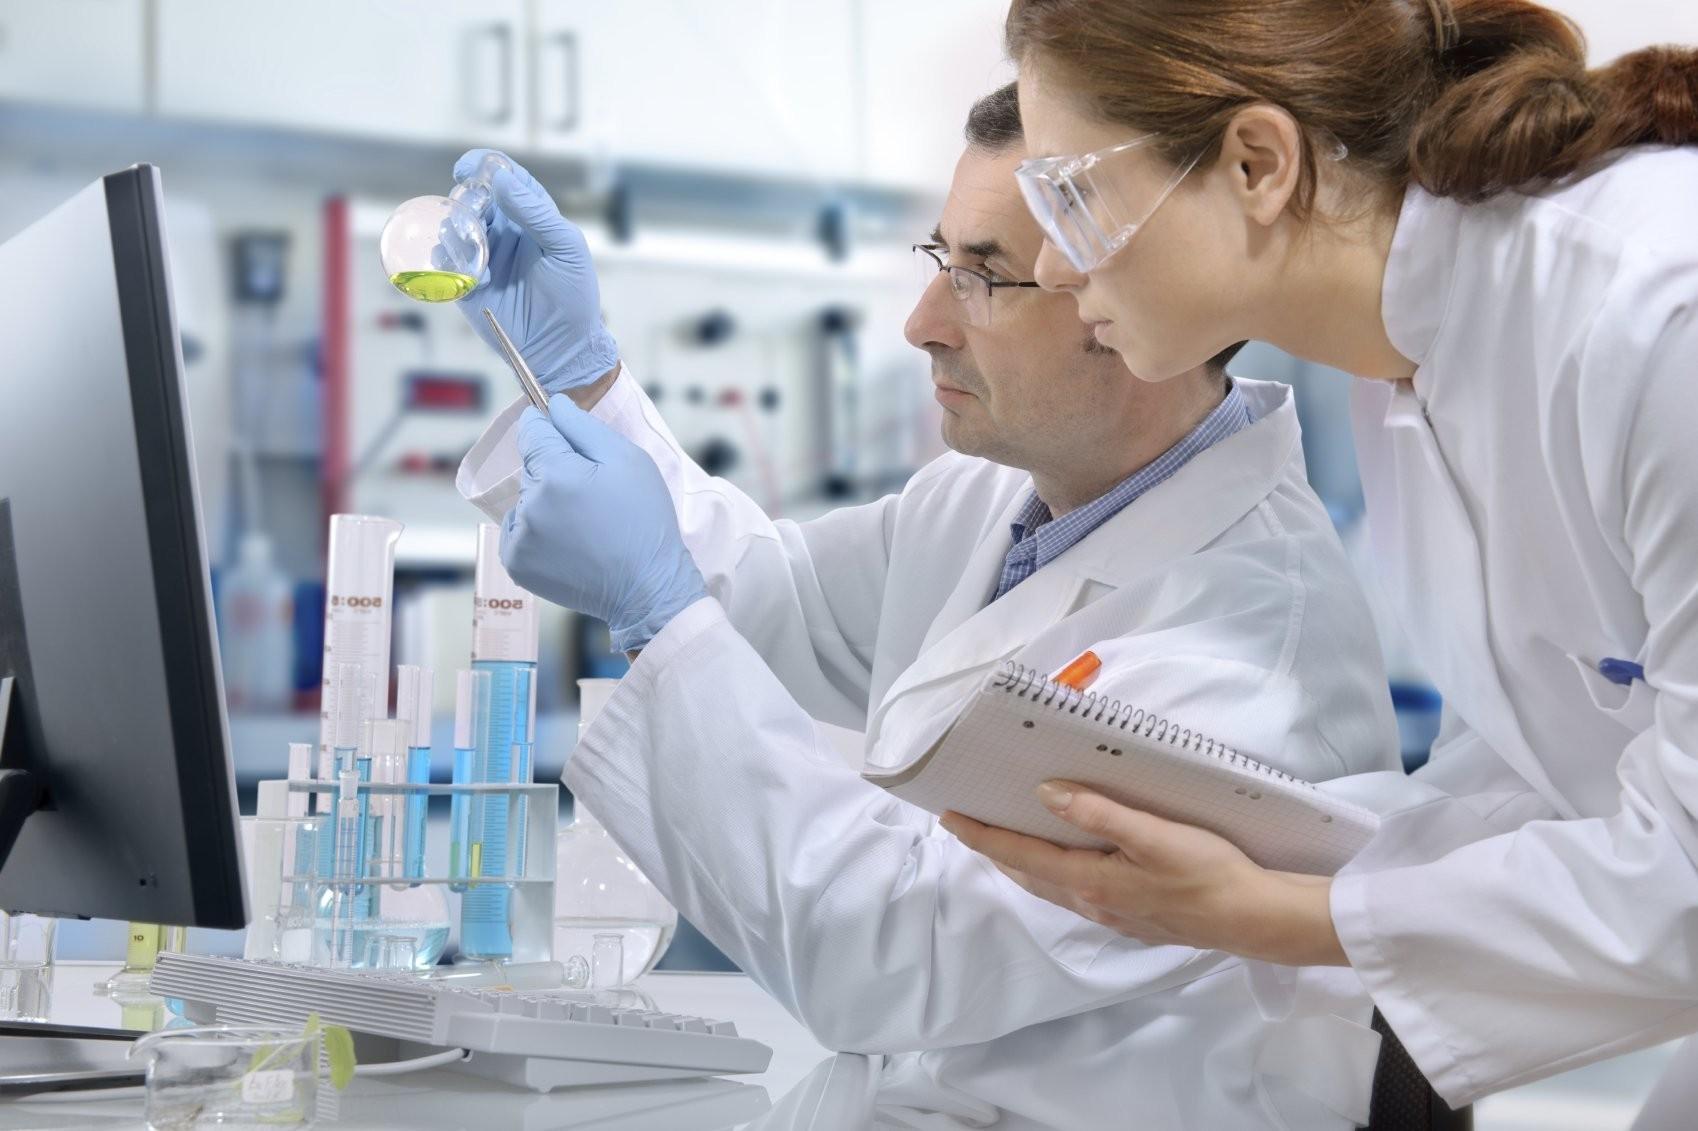 Русские ученые создали чудо-мазь для лечения ожогов иомолаживания